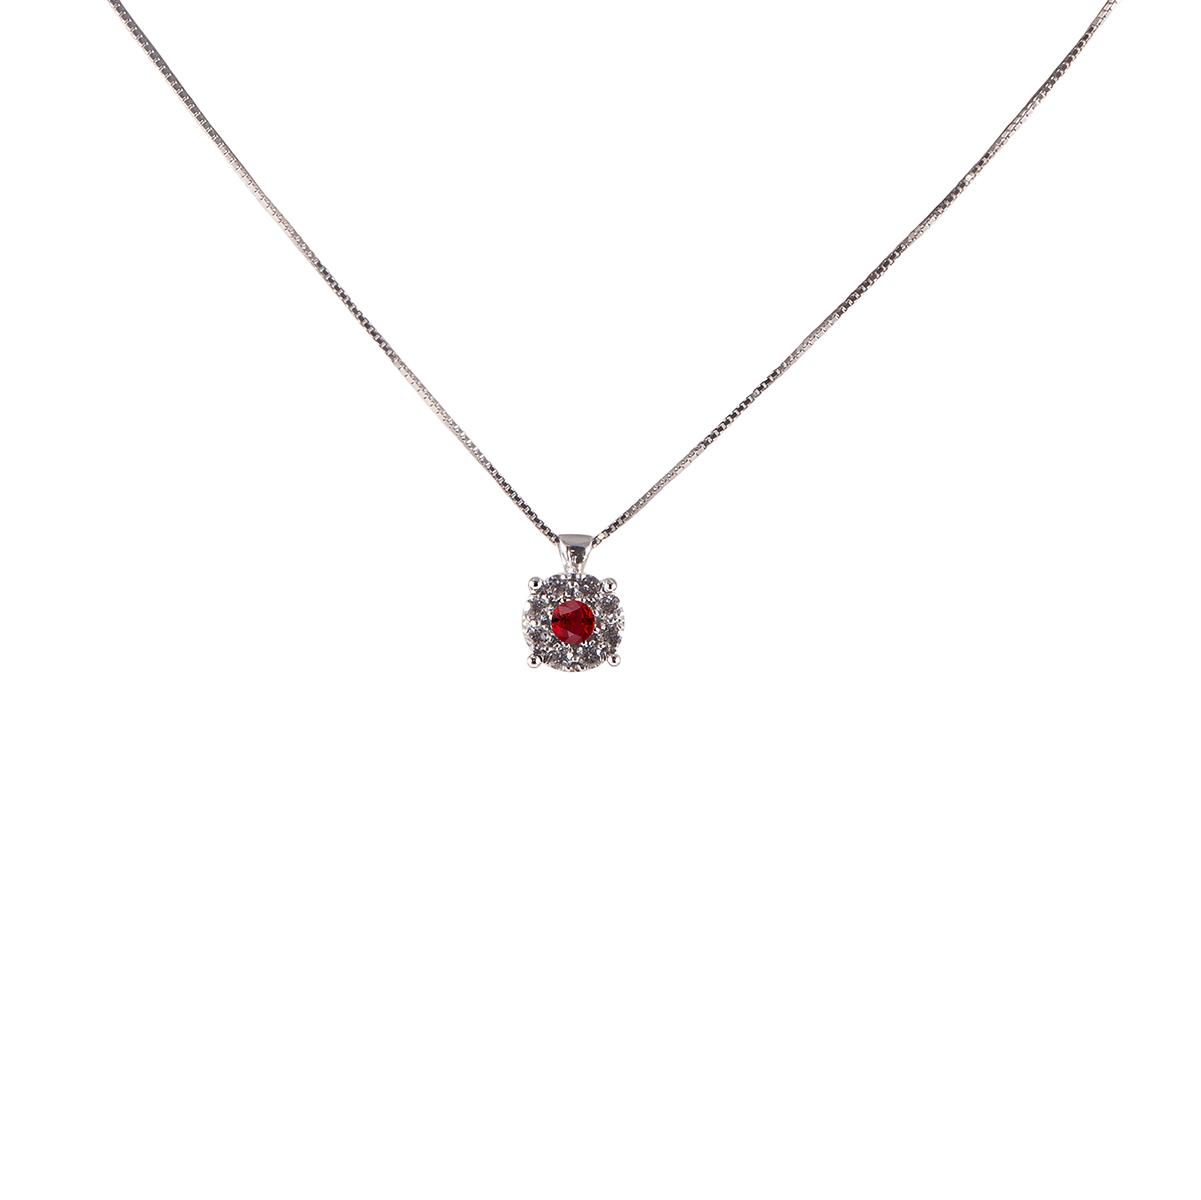 pendente rubino e diamanti  plf04r-05-06-07